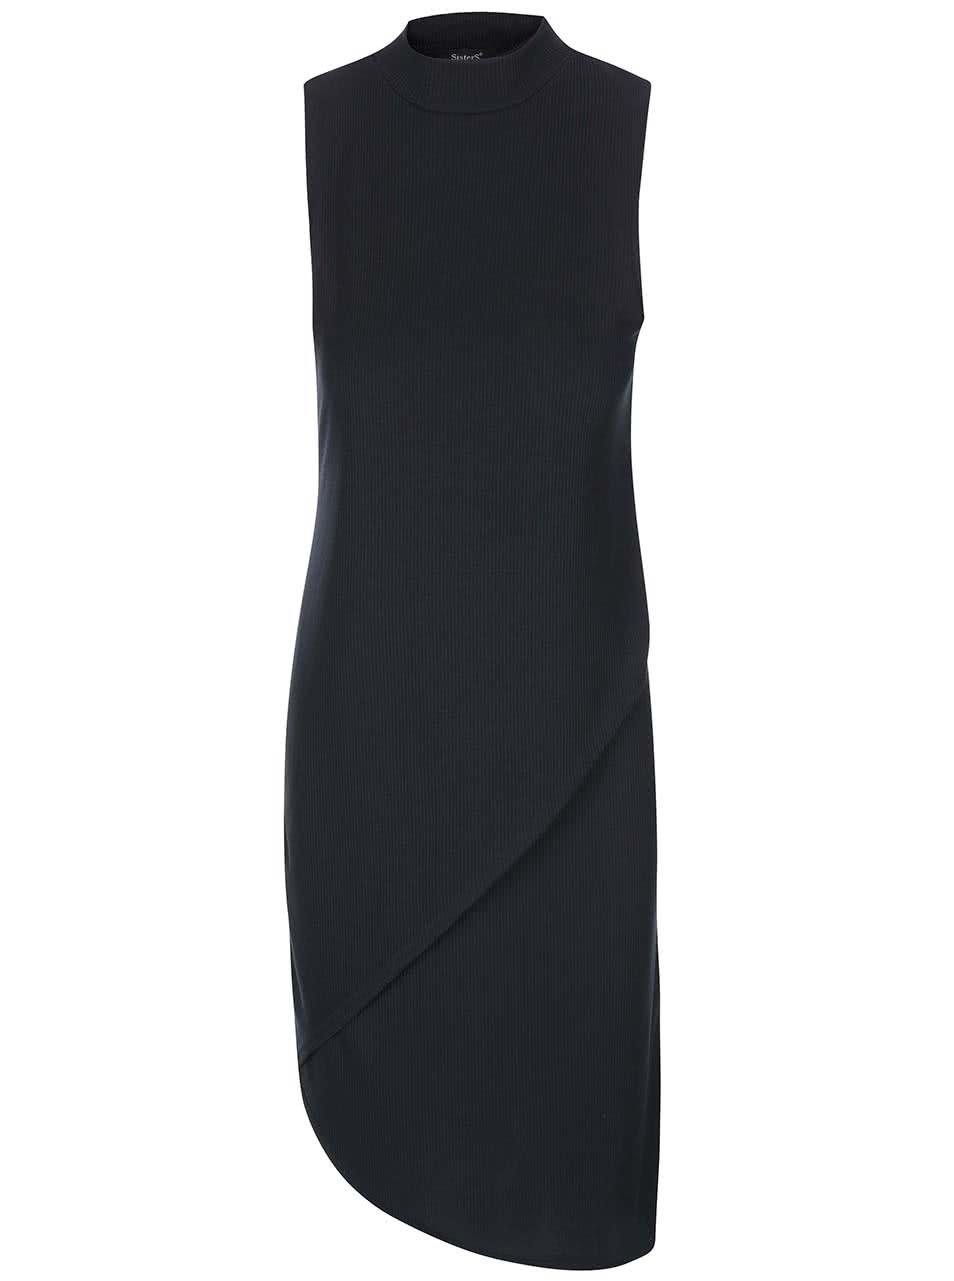 Černé asymetrické šaty bez rukávů SisterS Point Simon ... 0c7d75dd8c